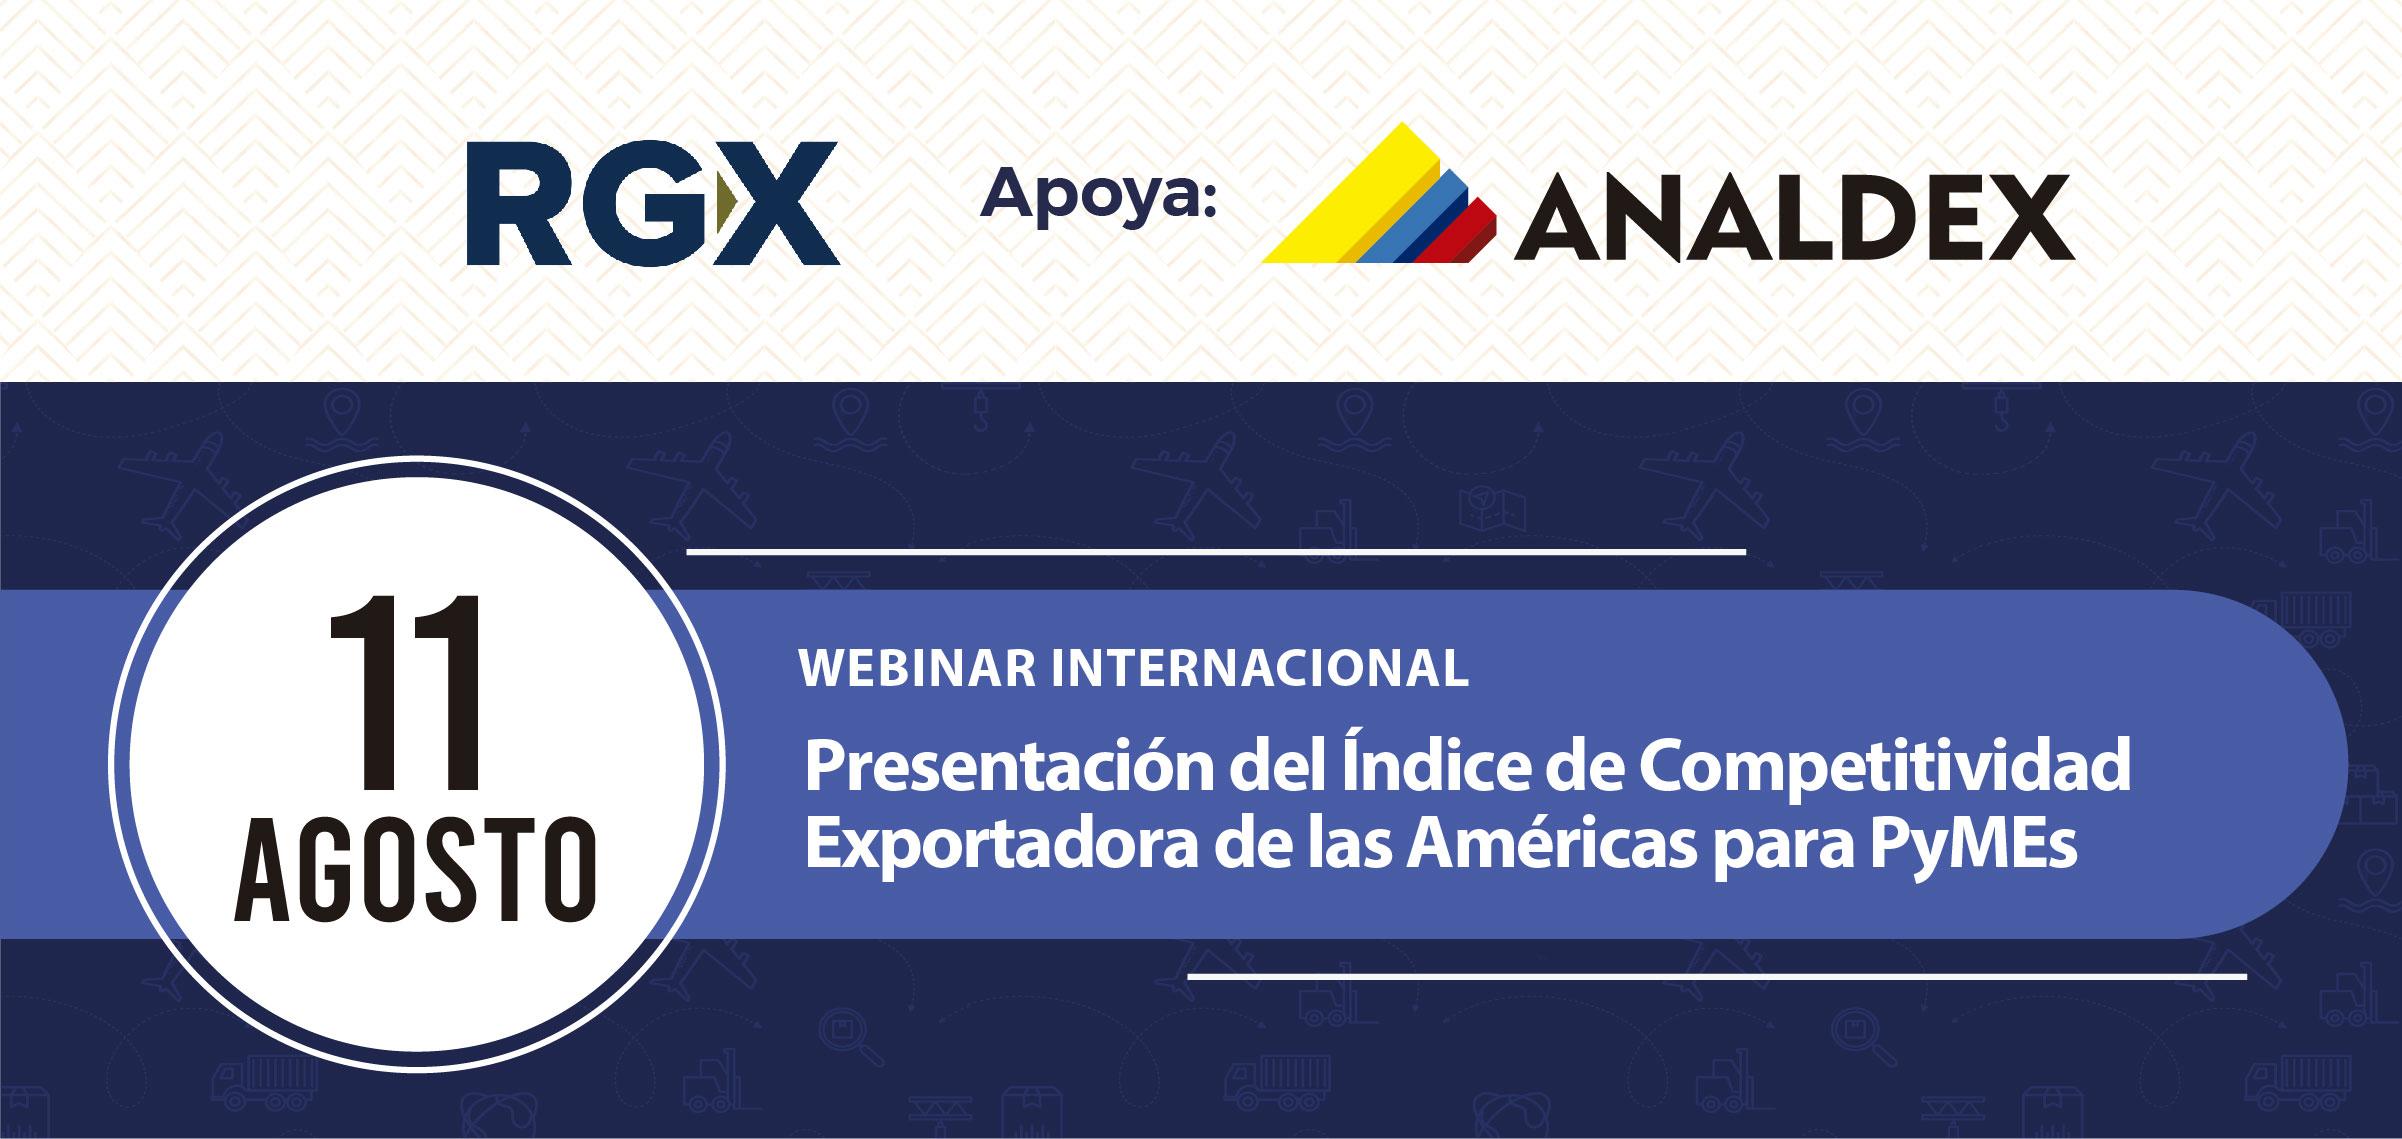 Presentación del Índice de Competitividad Exportadora de las Américas para PyMEs